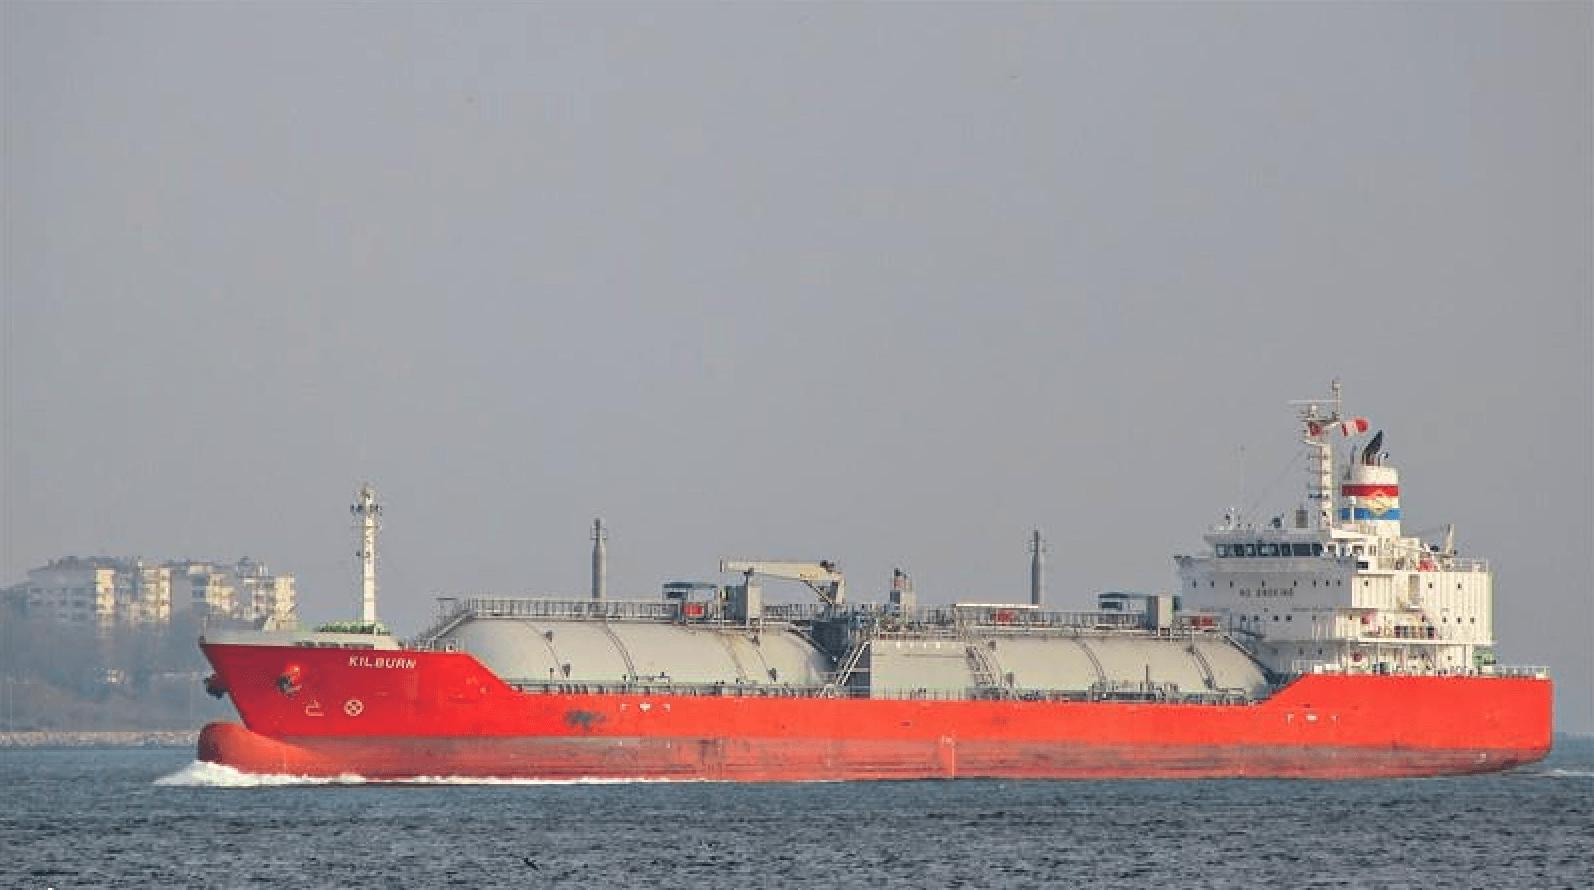 tanker - Ekran Resmi 2017 05 07 14.56.49 - Tam Basınçlı LPG Tankerleri  (Türkçe - İngilizce)